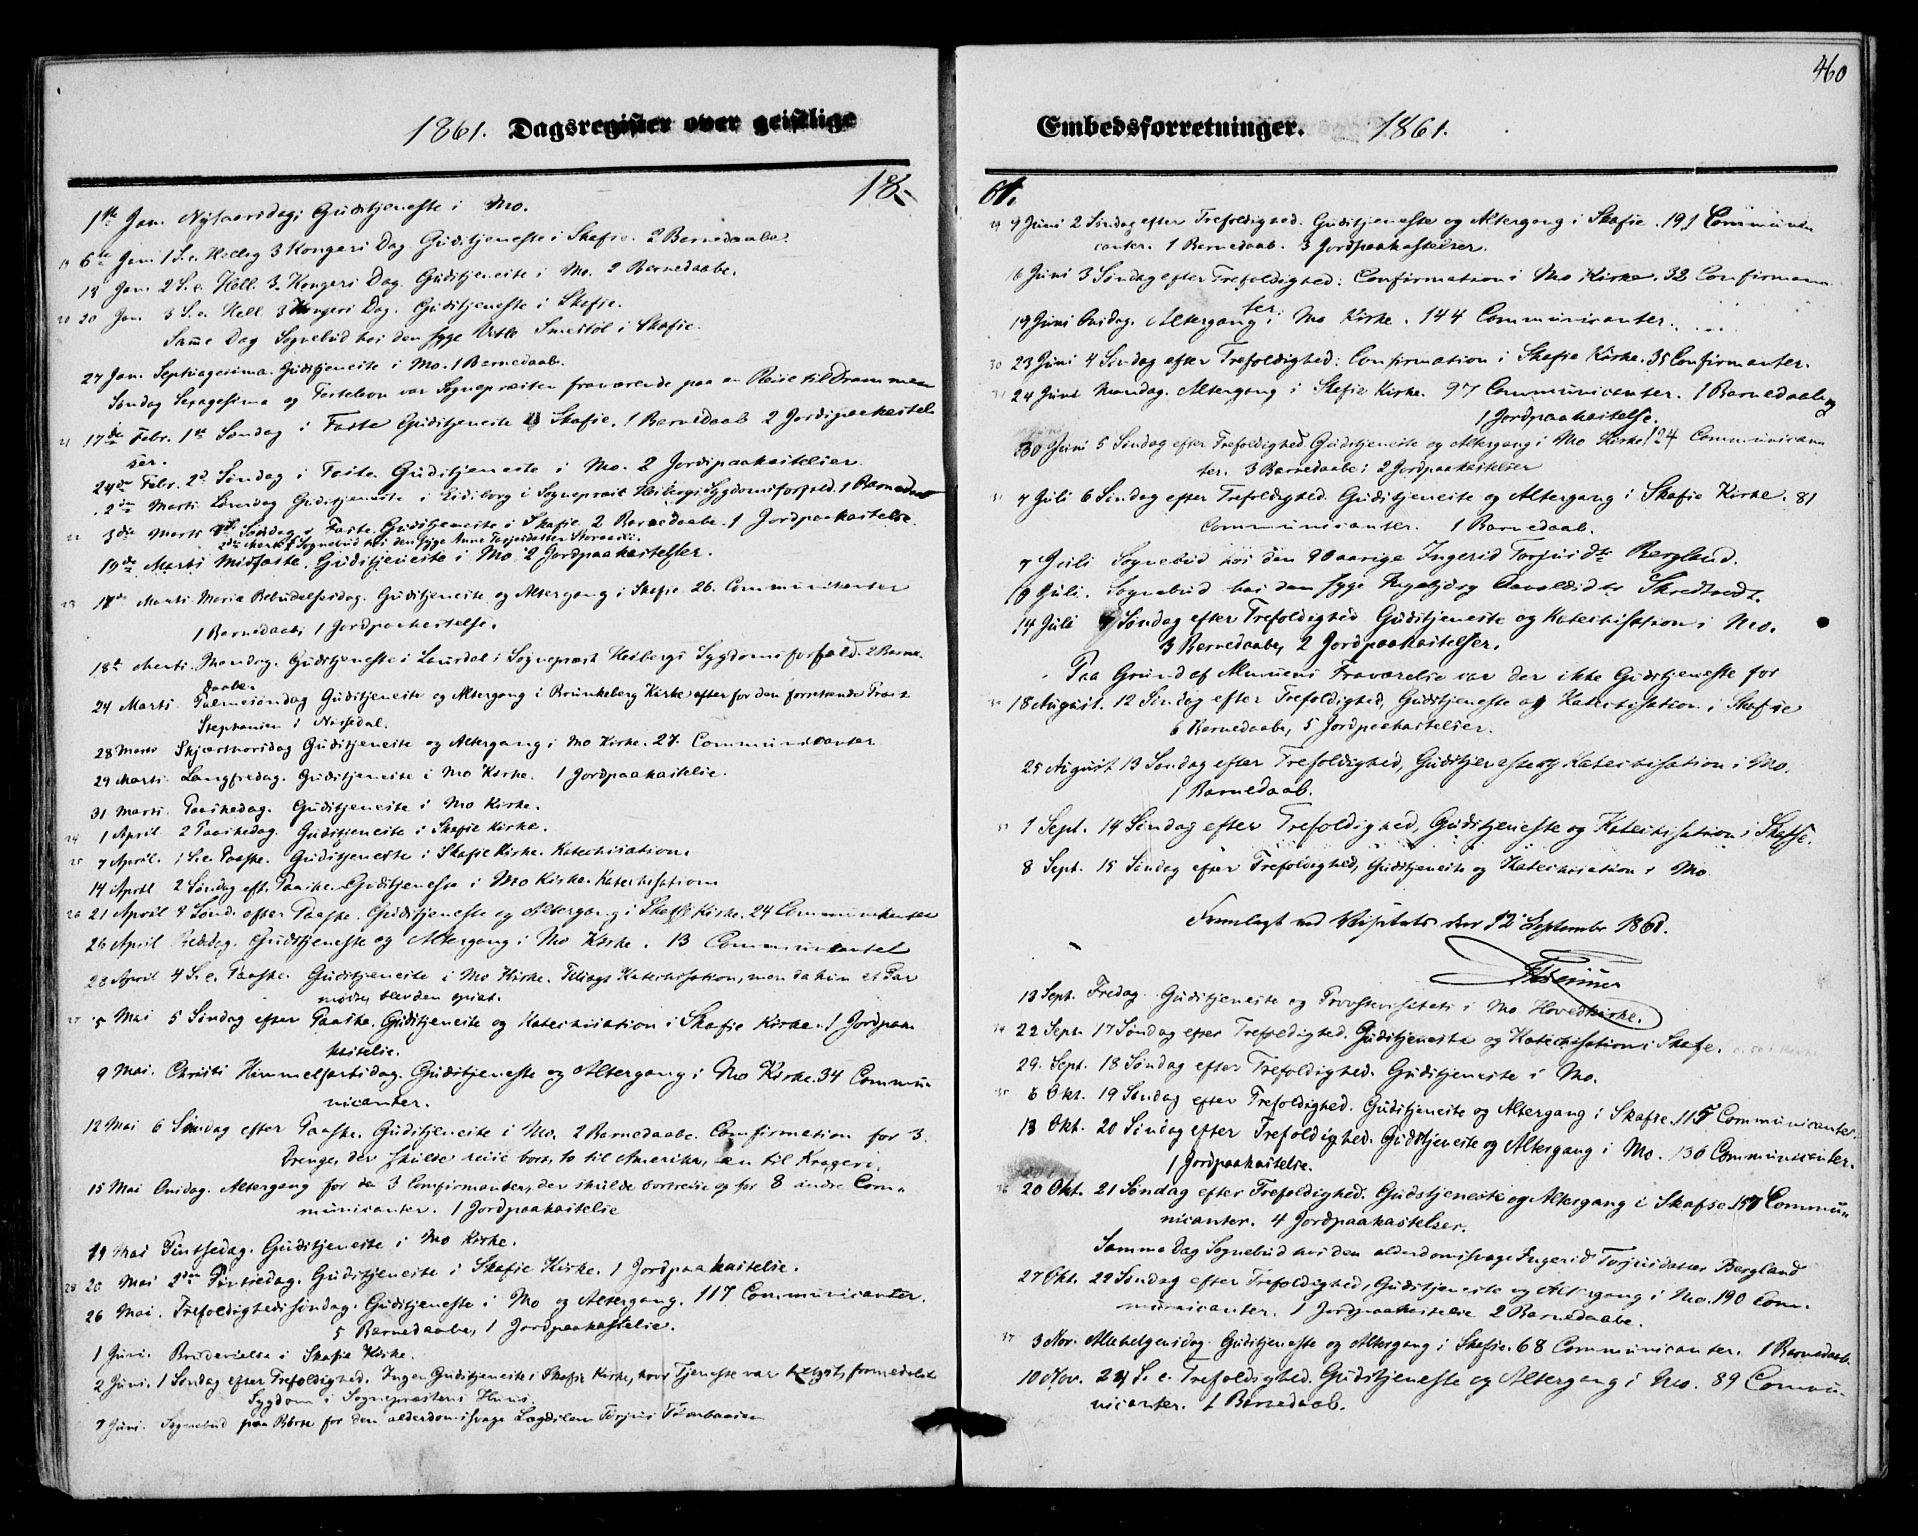 SAKO, Mo kirkebøker, F/Fa/L0005: Ministerialbok nr. I 5, 1844-1864, s. 460